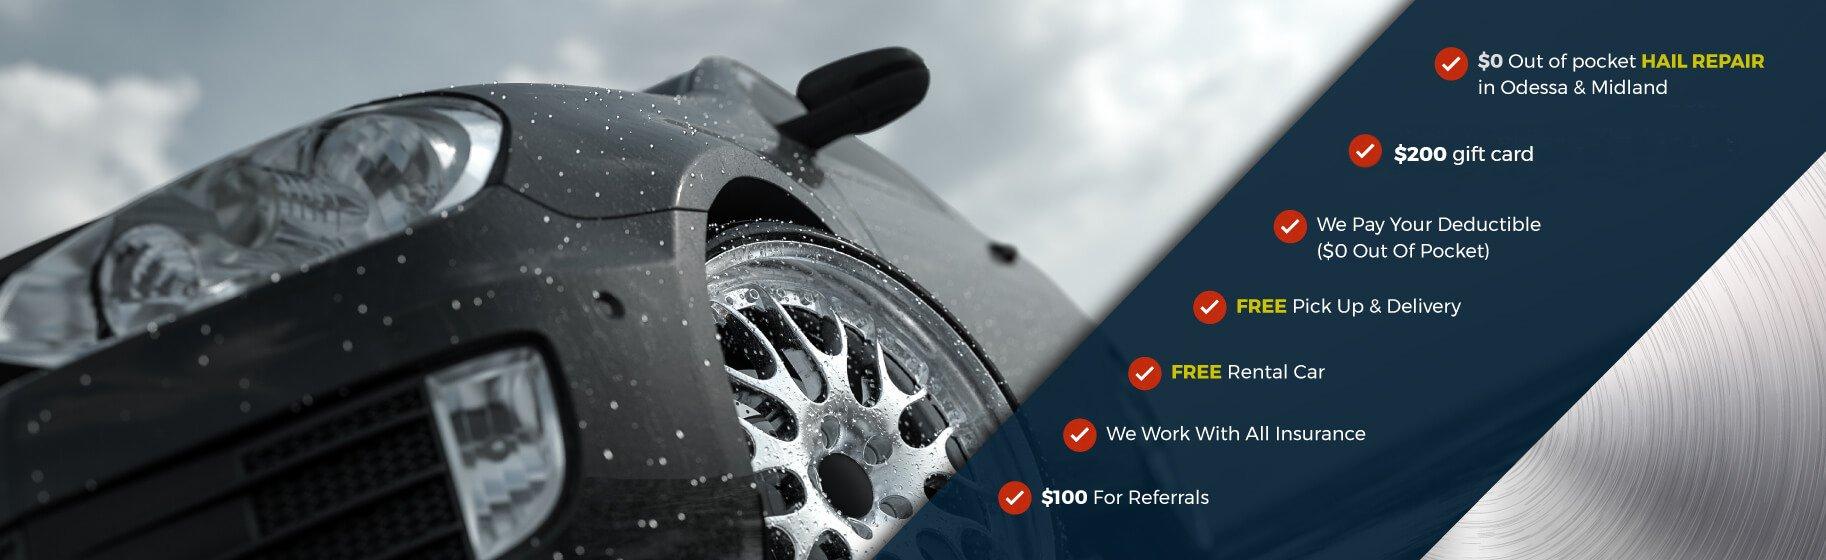 C & D Dent Guys | Car Dent Repair & Hail Damage Repair in El Paso